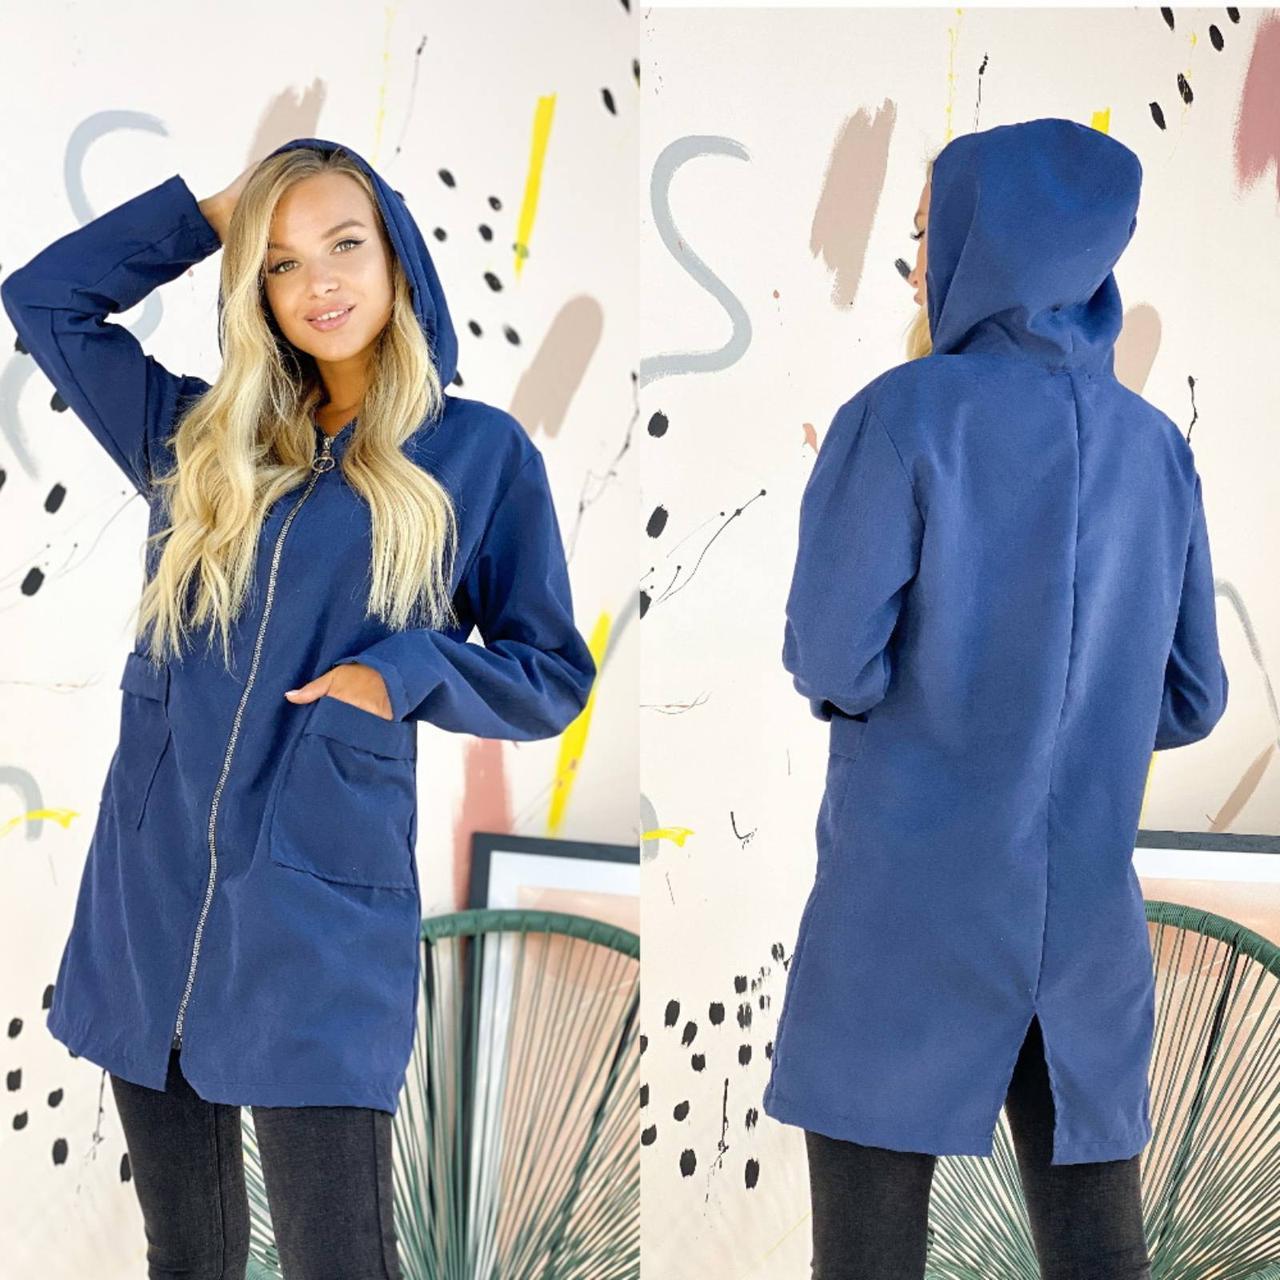 Женская удлиненная куртка, женская демисезонная куртка Синий, 42-44, 46-48, 50-52